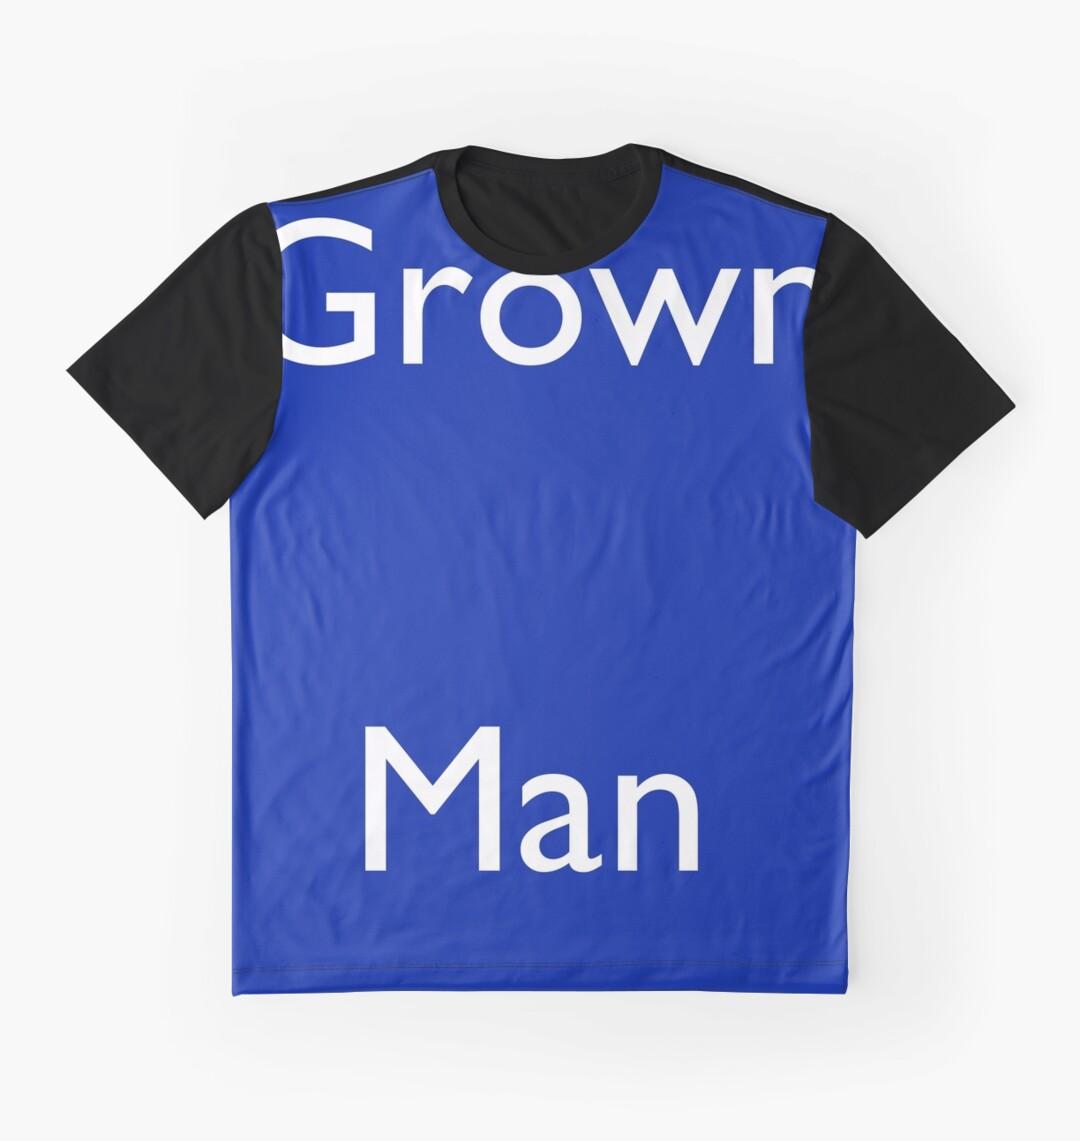 Design shirt redbubble - Woozi Grown Man Shirt Design